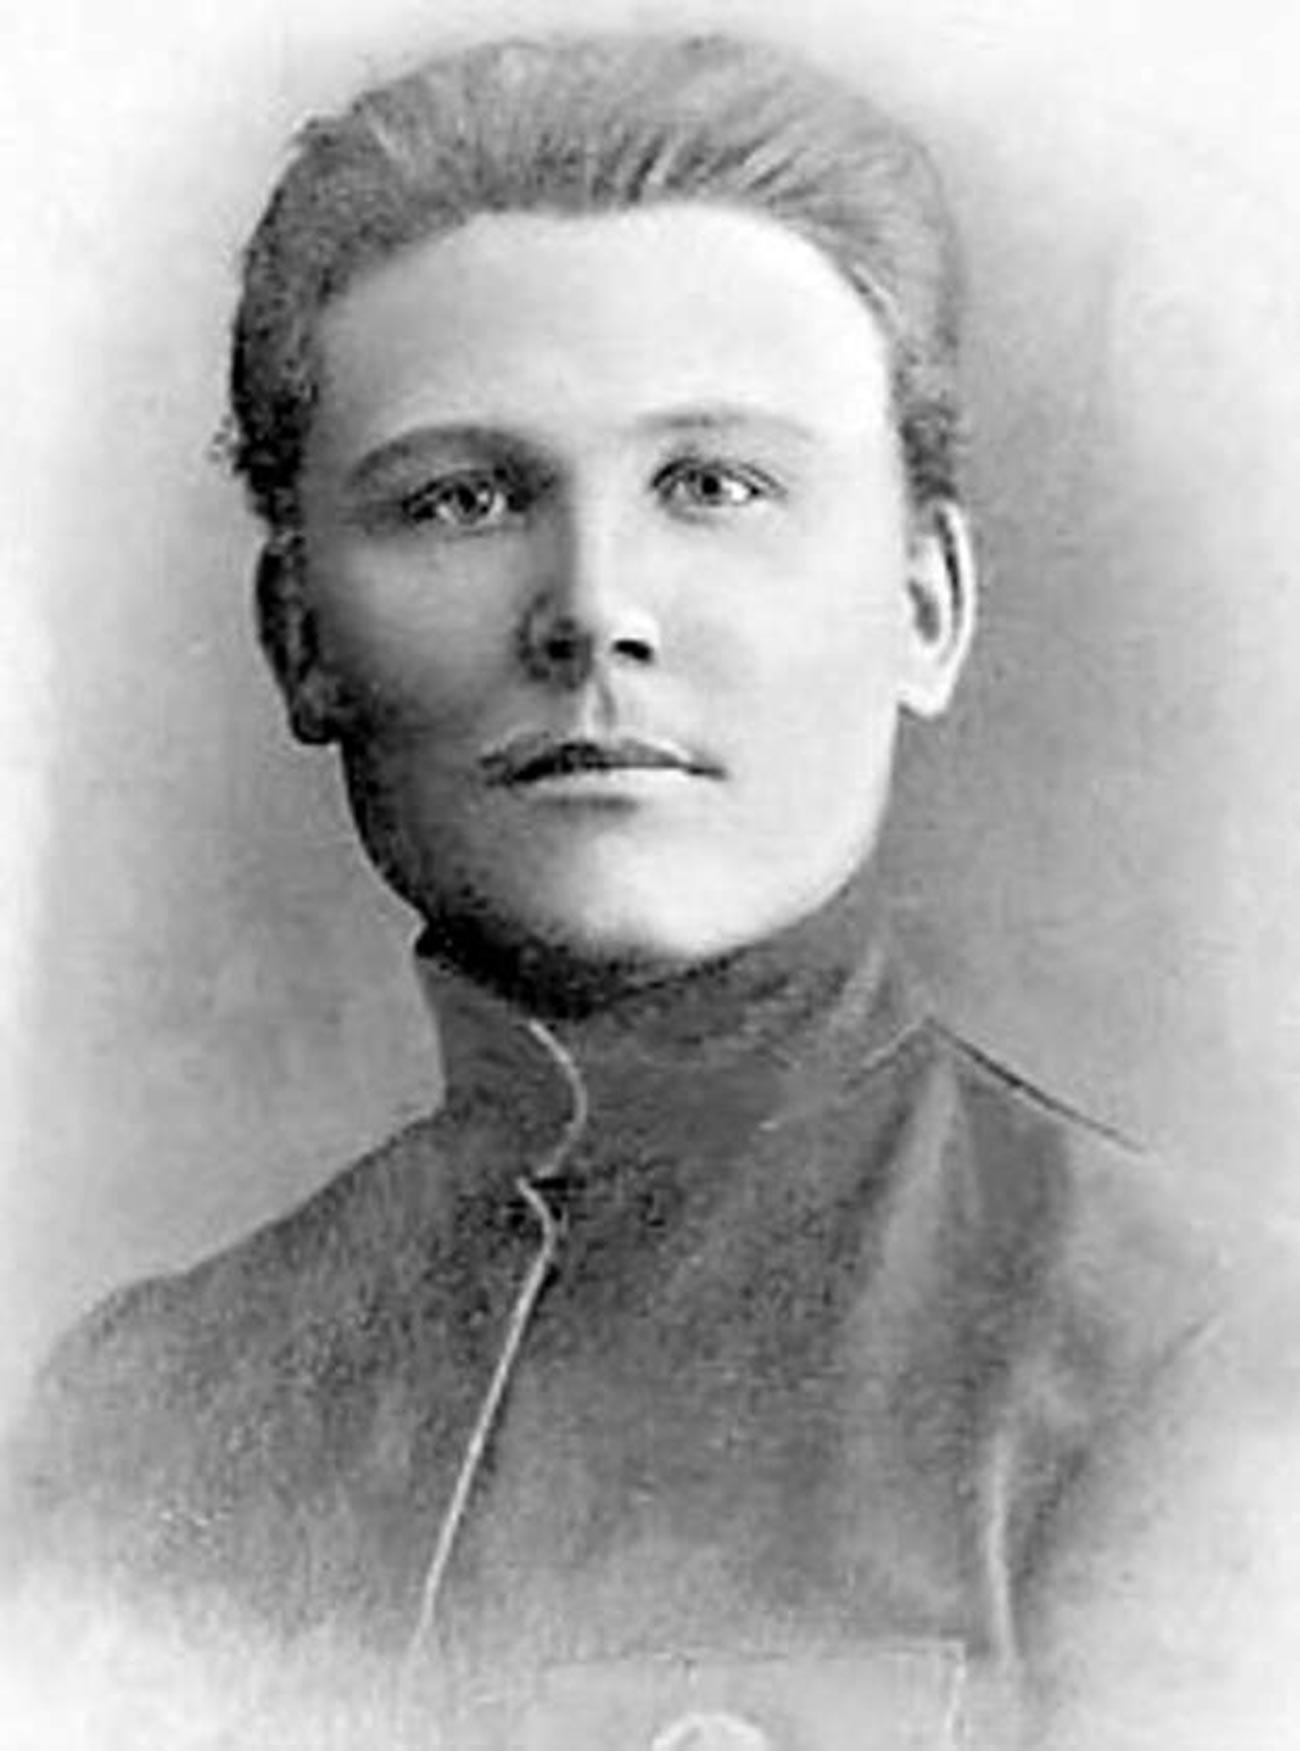 Конев в 1910-е годы.